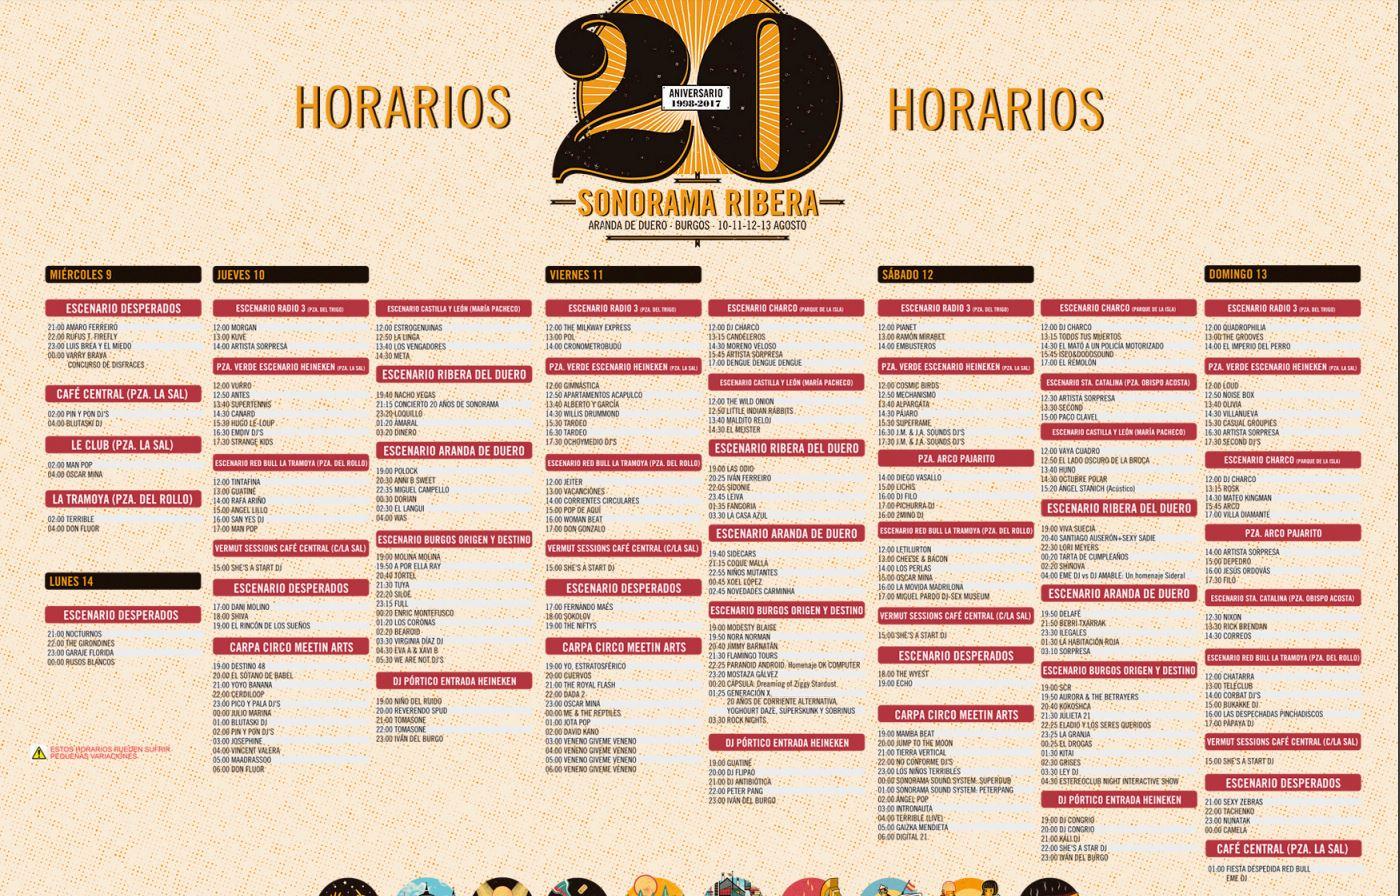 Horarios del Sonorama 2017.